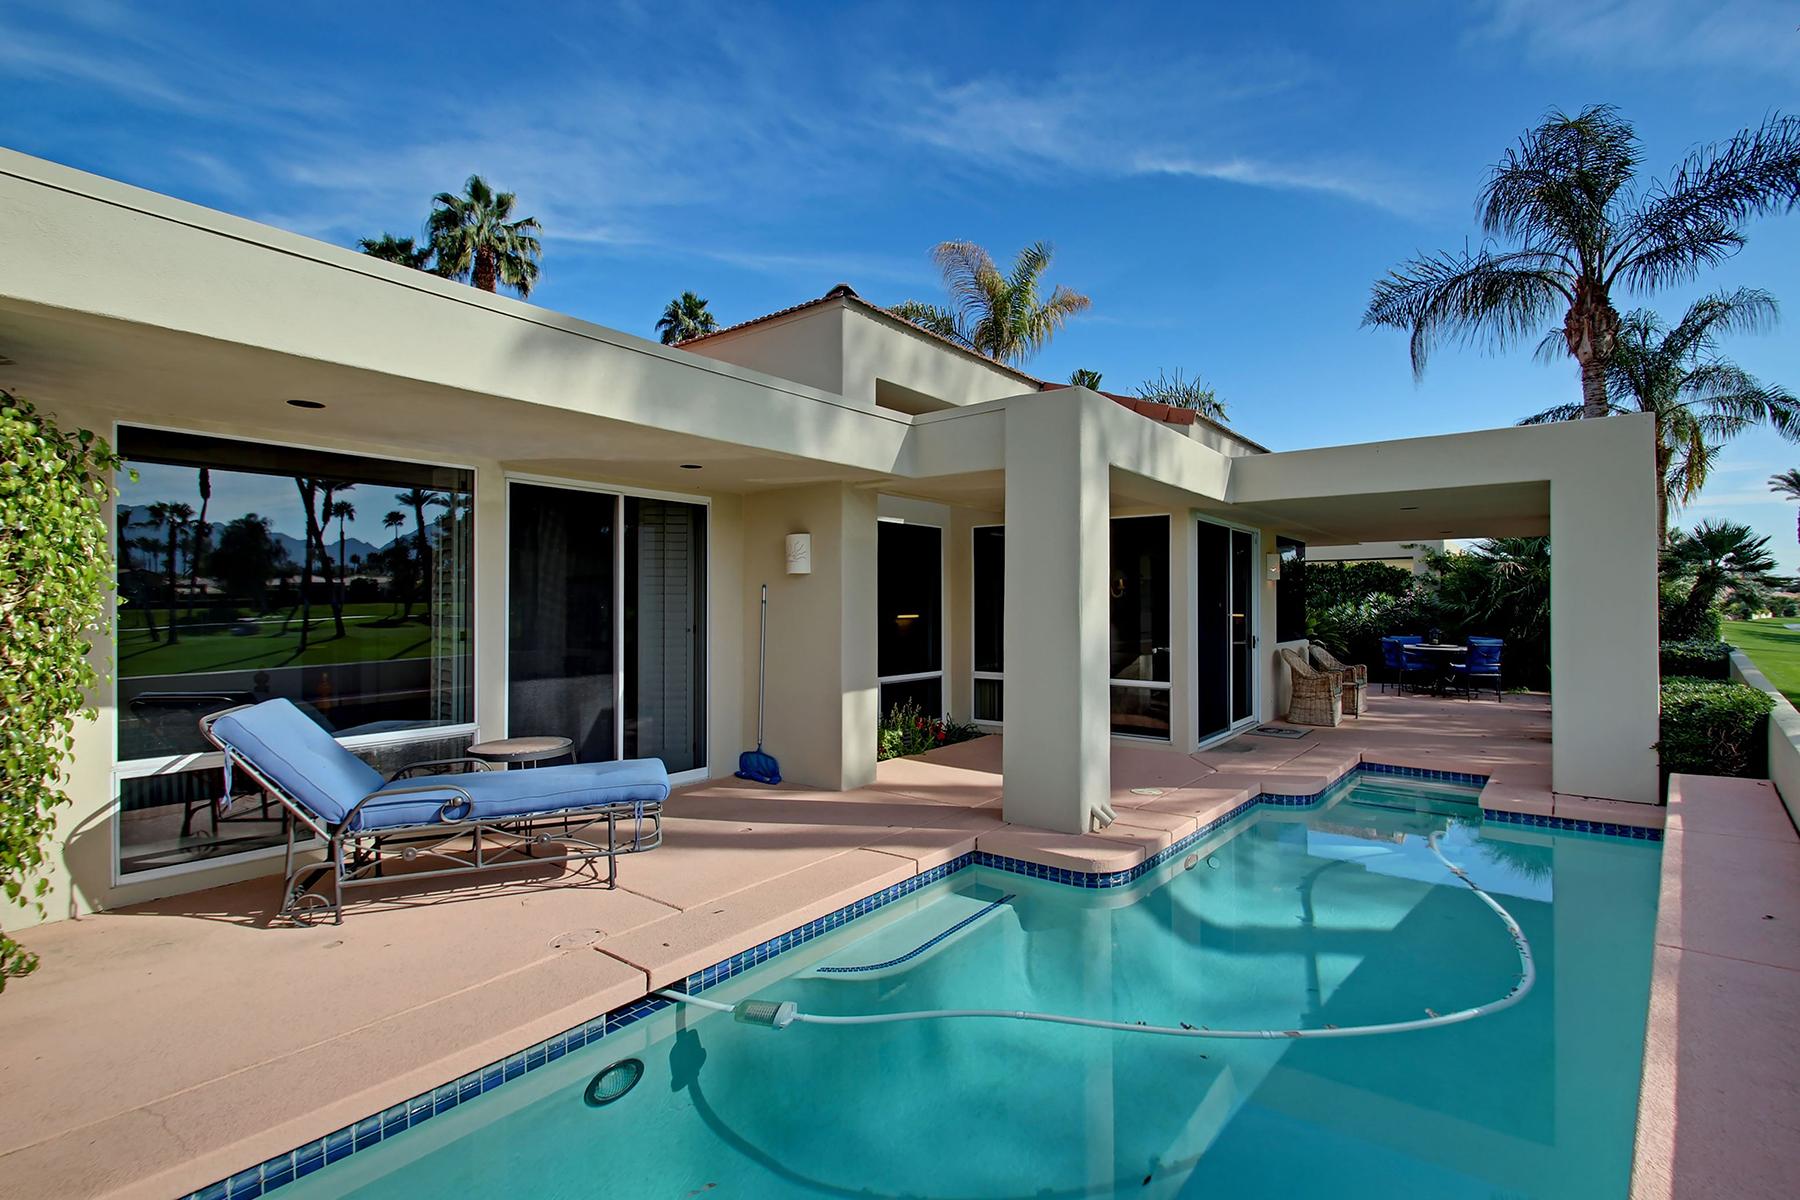 Einfamilienhaus für Verkauf beim 75303 14th Green Drive Indian Wells, Kalifornien, 92210 Vereinigte Staaten